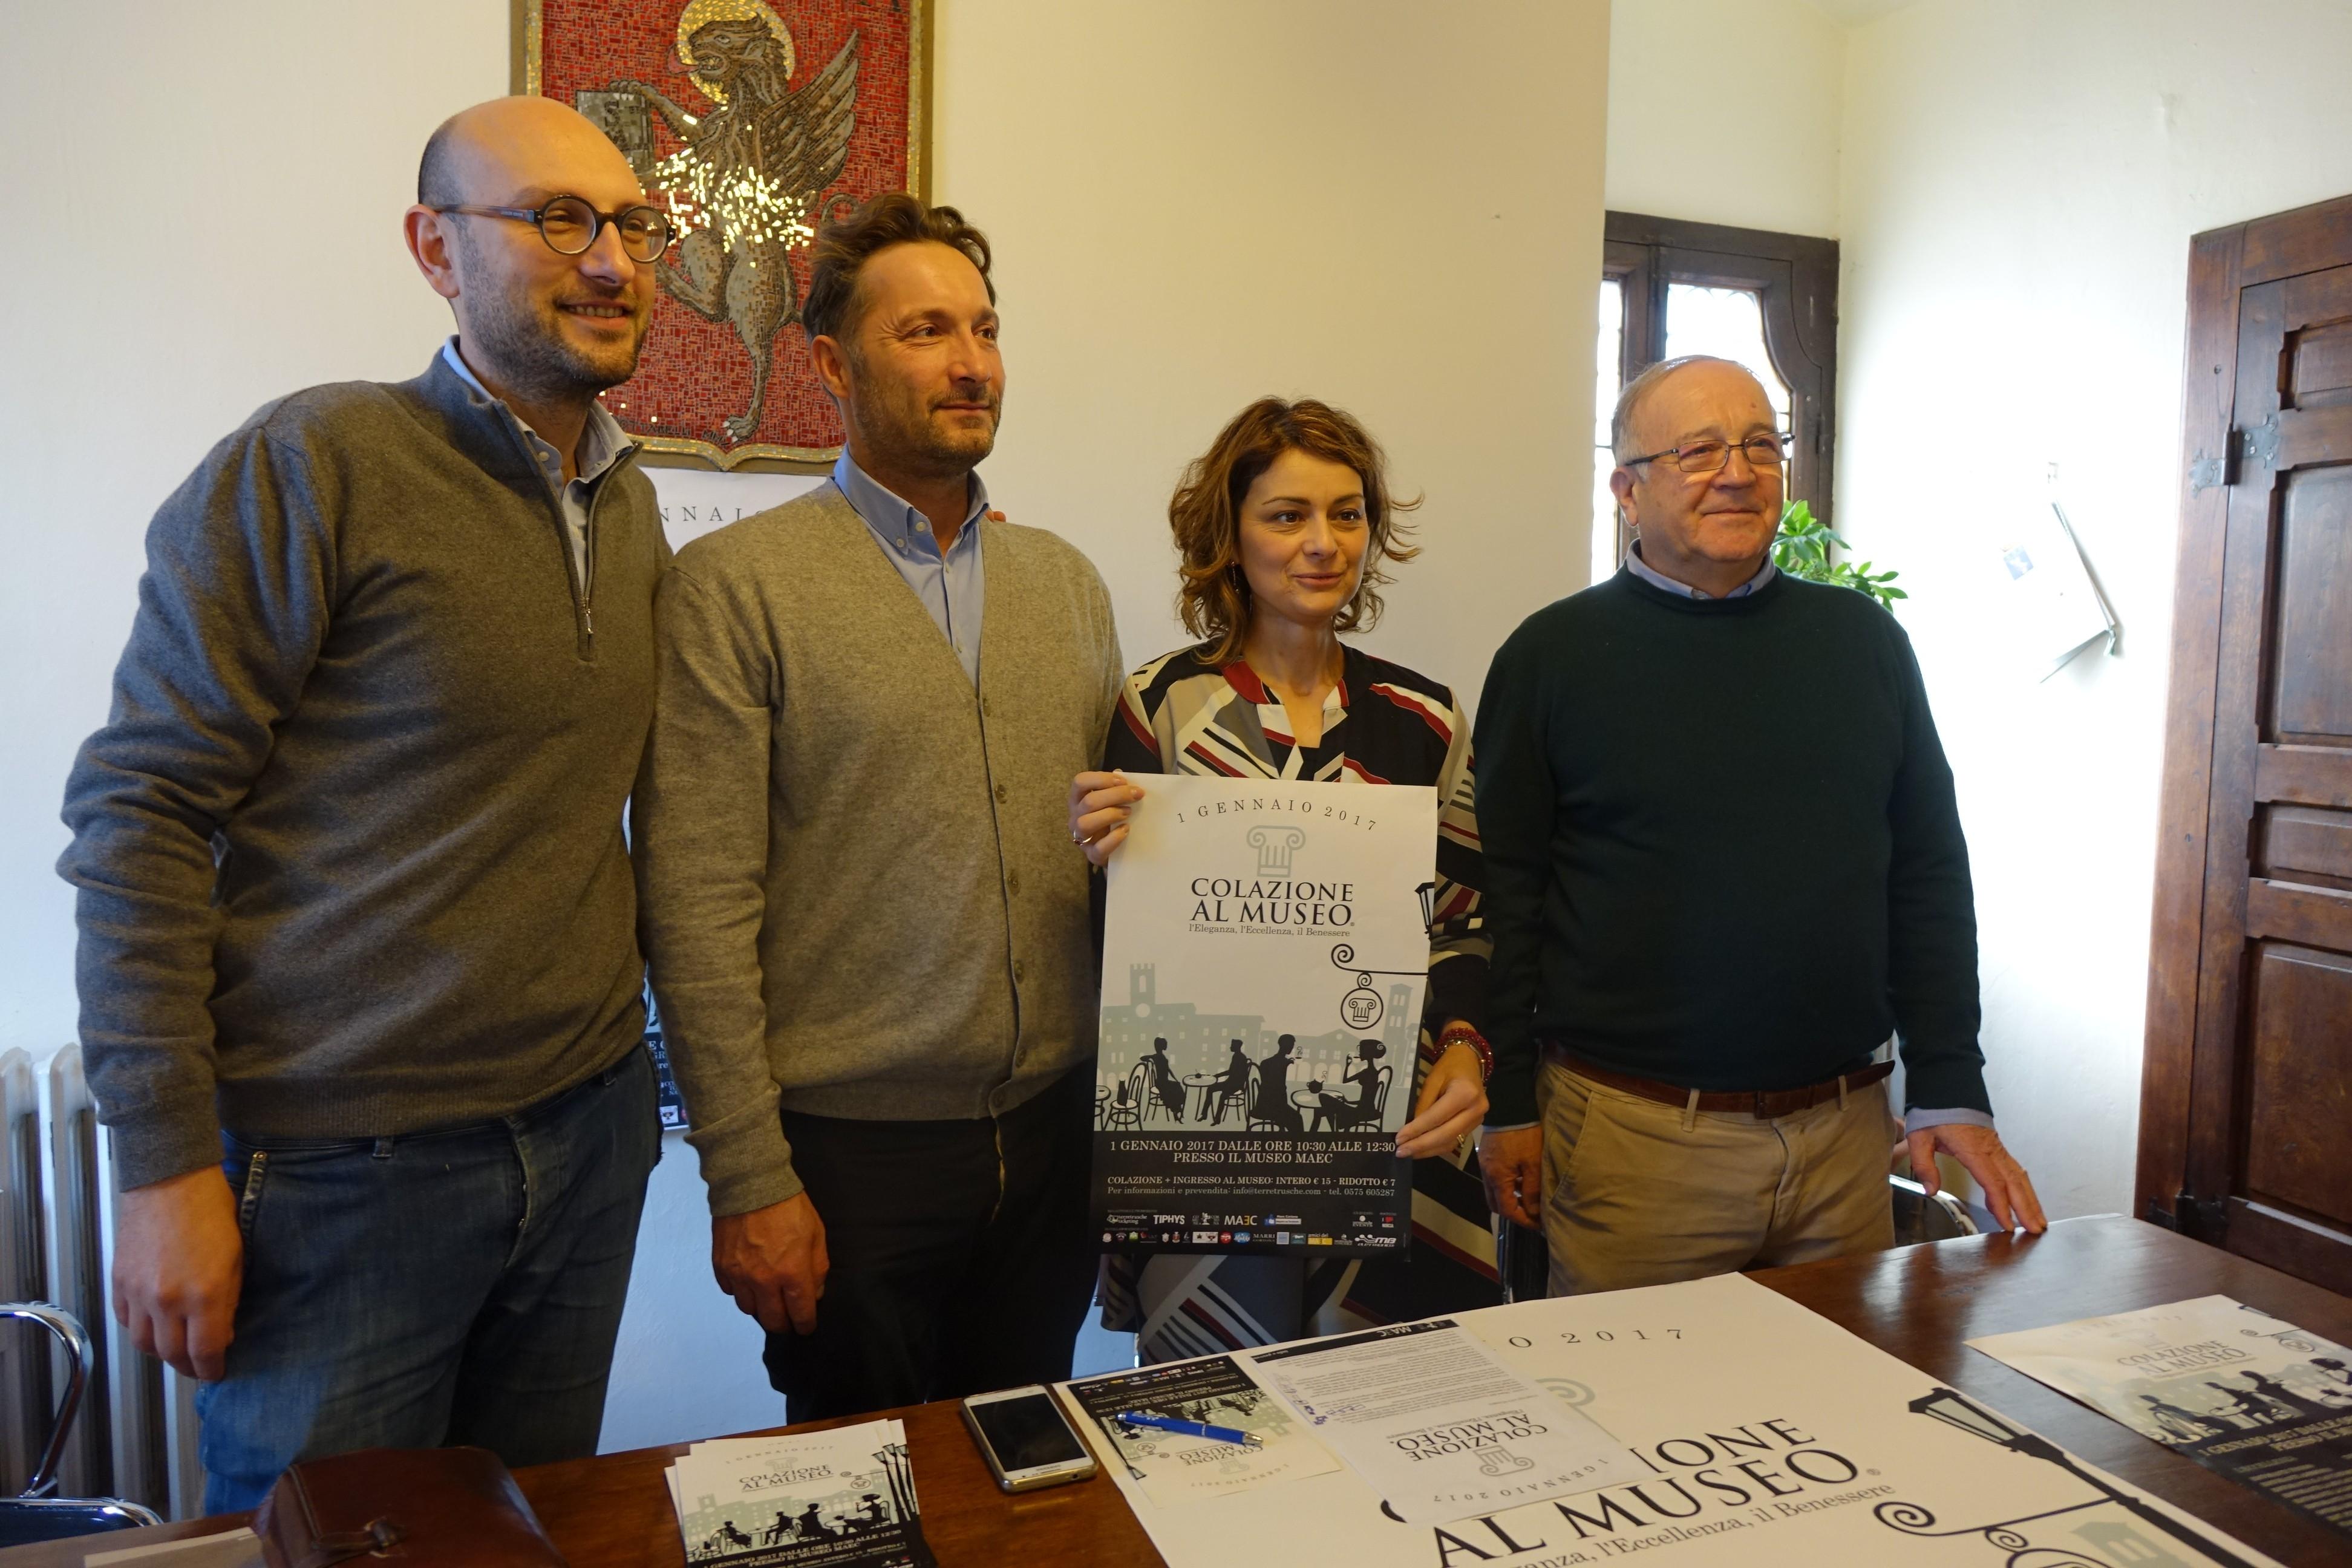 Capodanno a Cortona, dal gospel alla Colazione al Museo